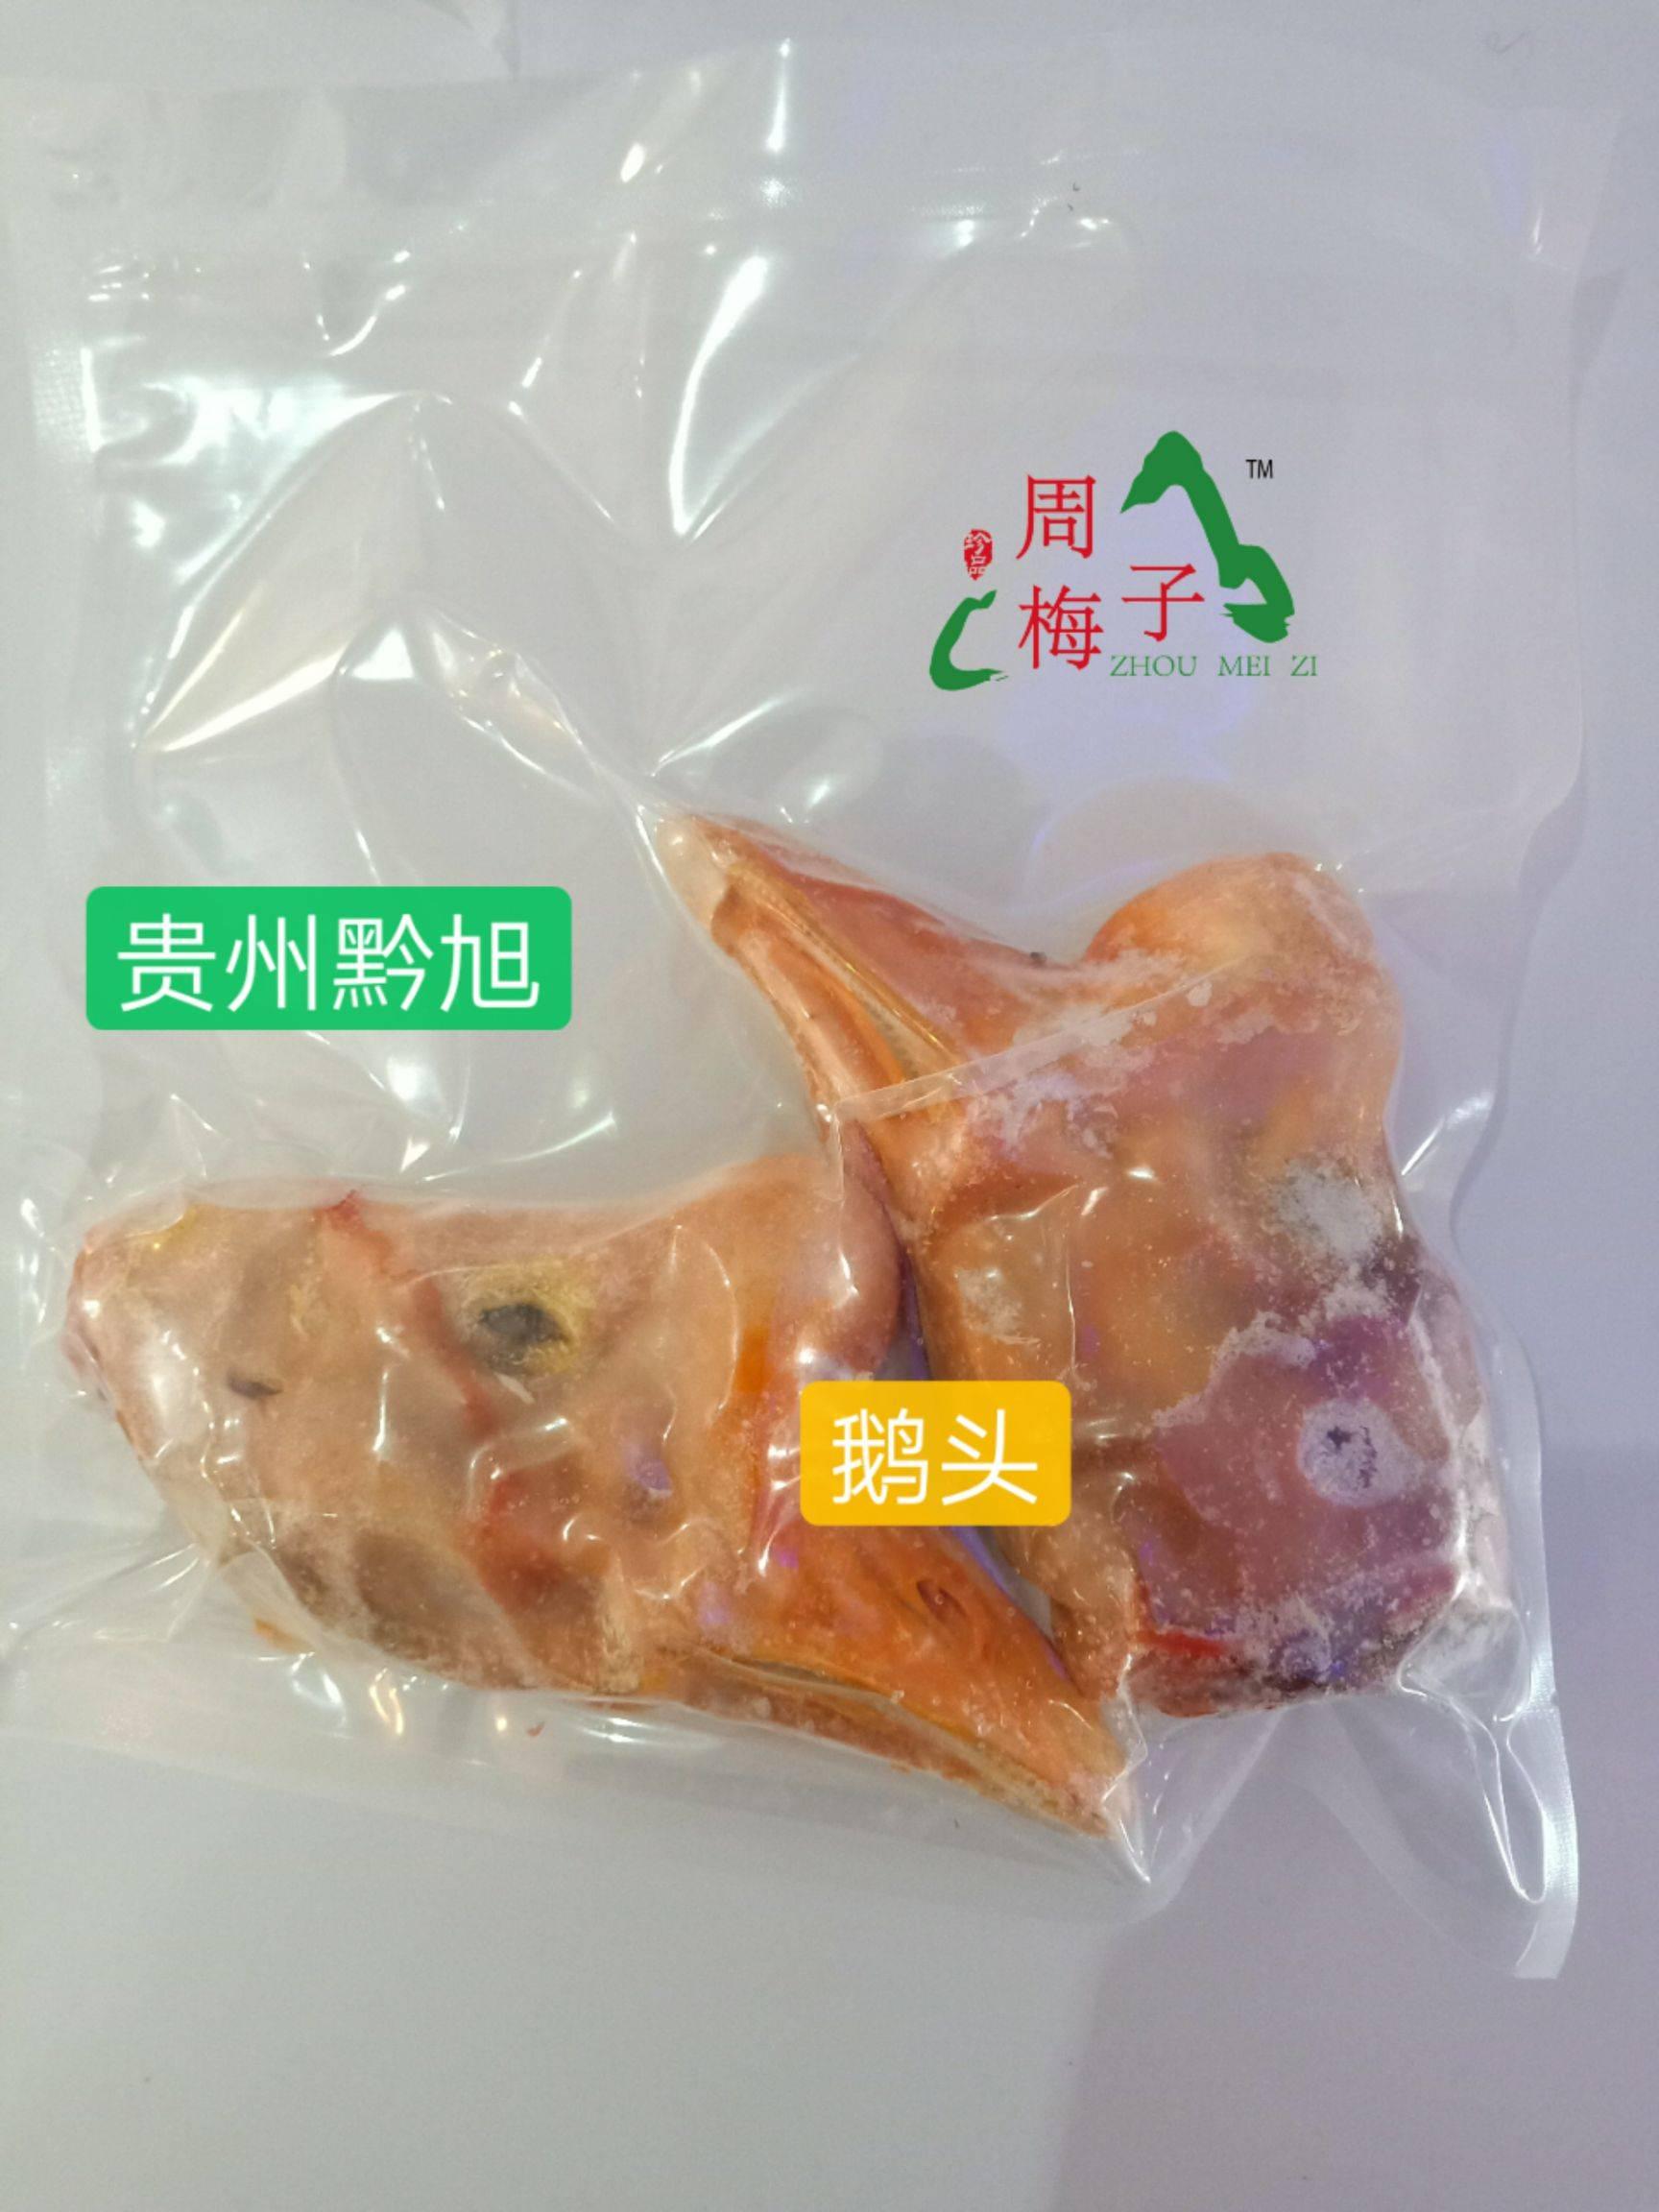 [鹅头批发] 发酵牧草生态鹅头2只装价格30元/包